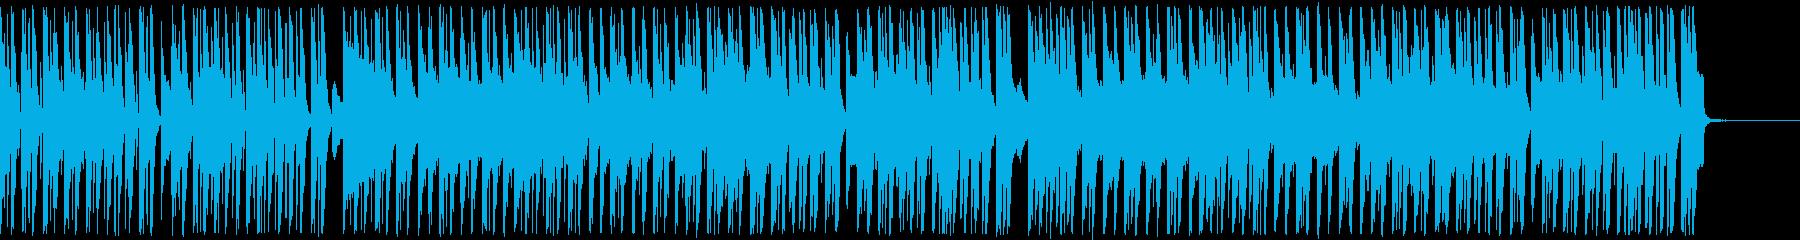 ほのぼのゆったりしたコミカルアンサンブルの再生済みの波形